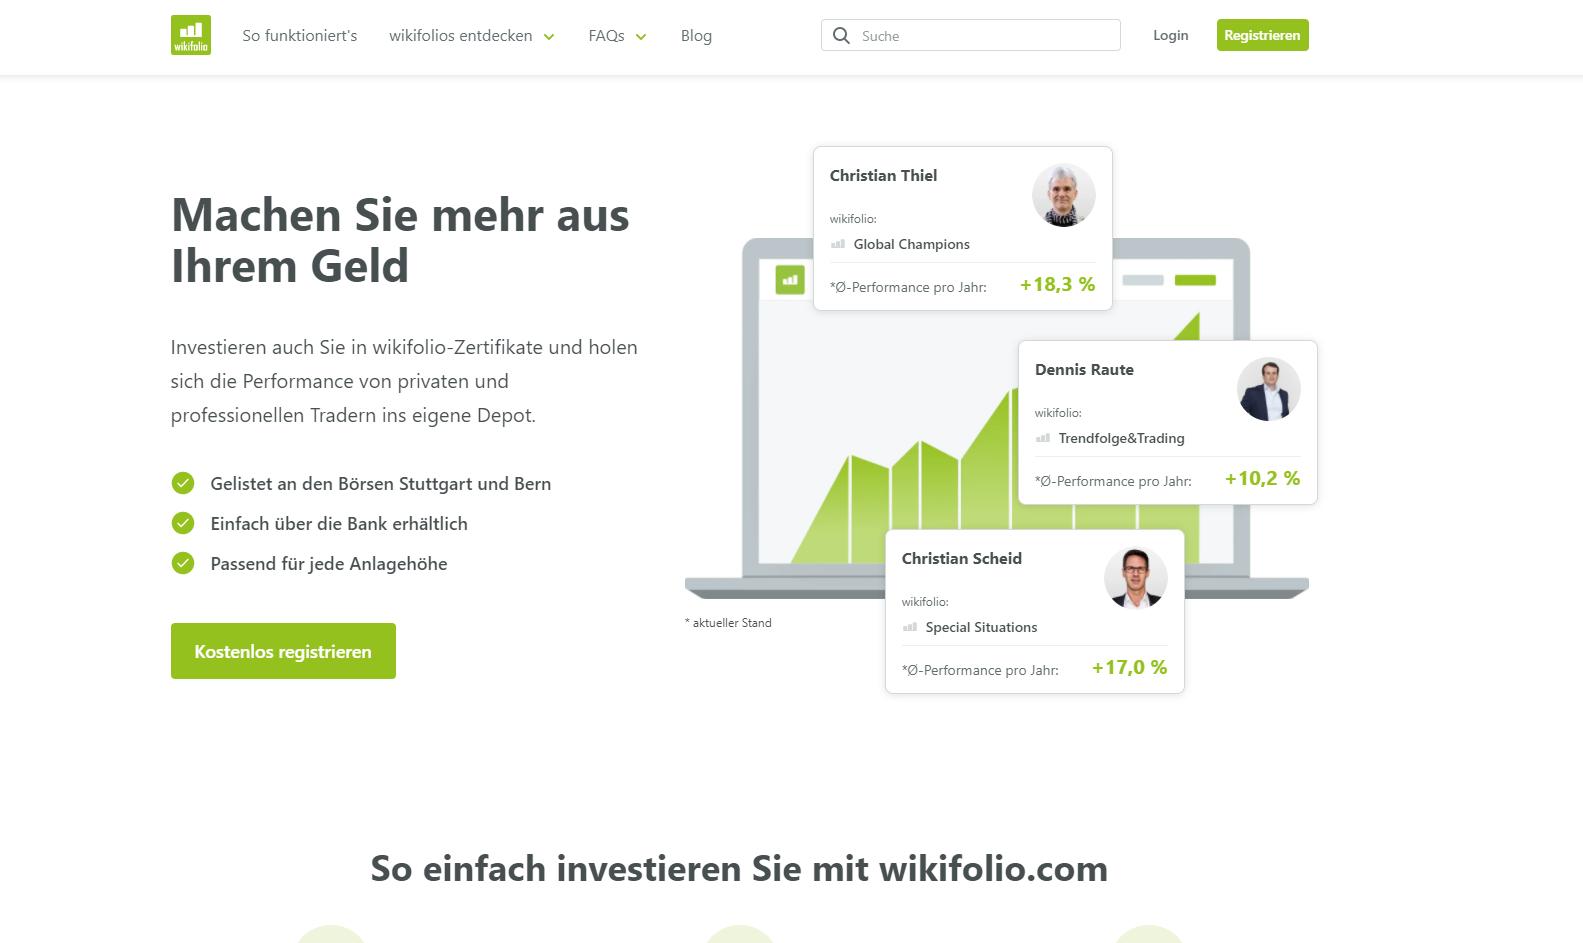 Wikifolio Webseite